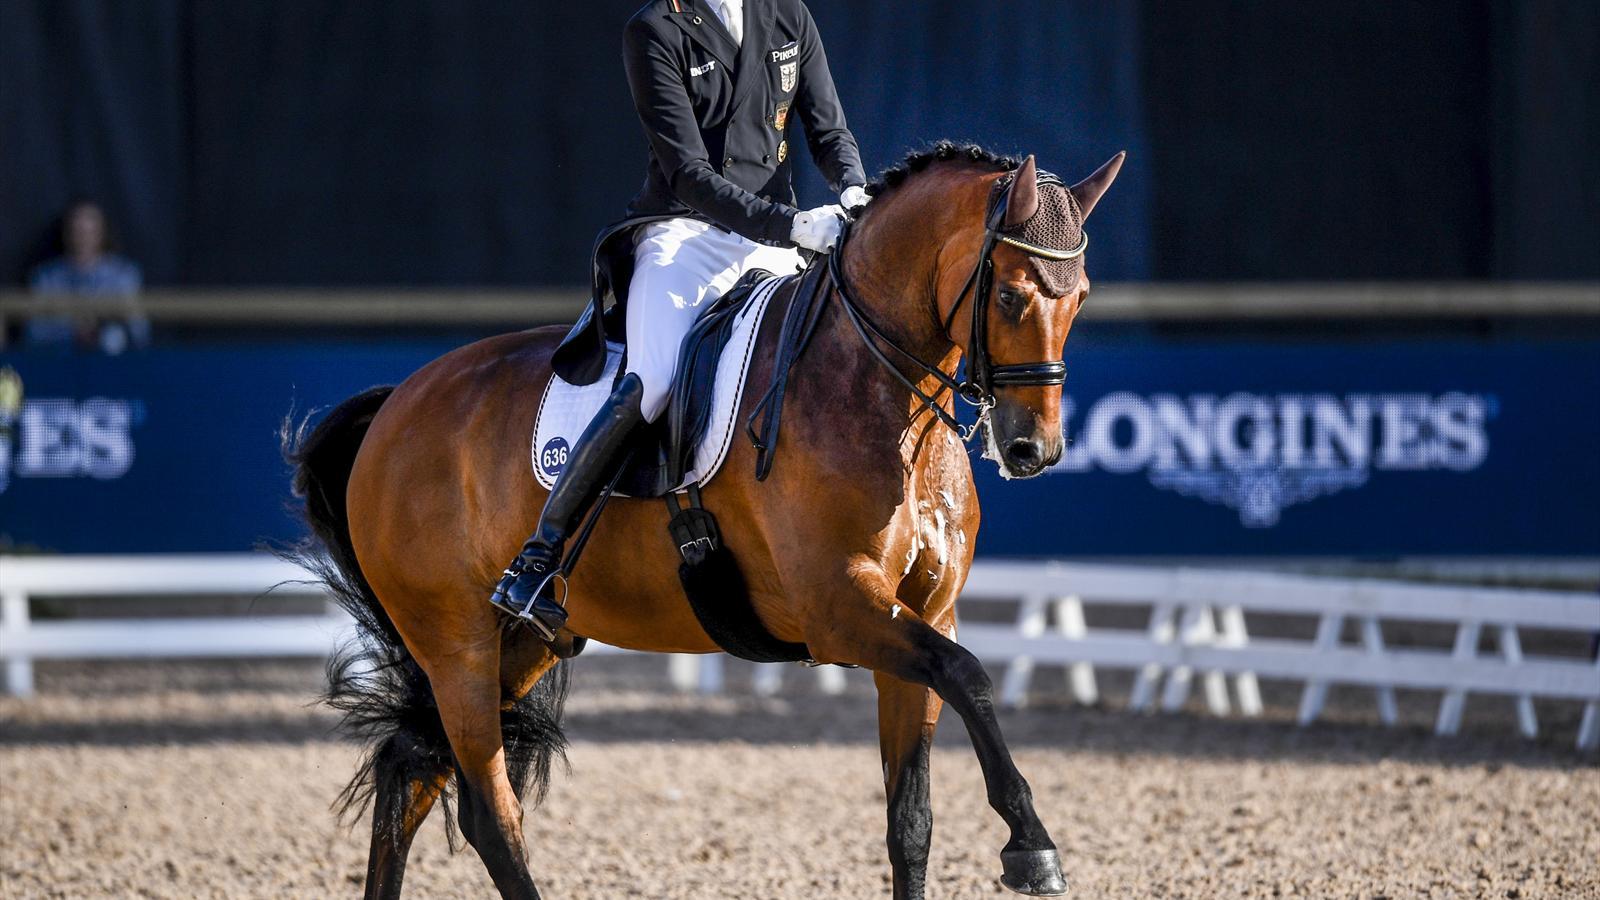 Weltreiterspiele: Dressur-Equipe weiter auf Goldkurs - Pferdesport ...